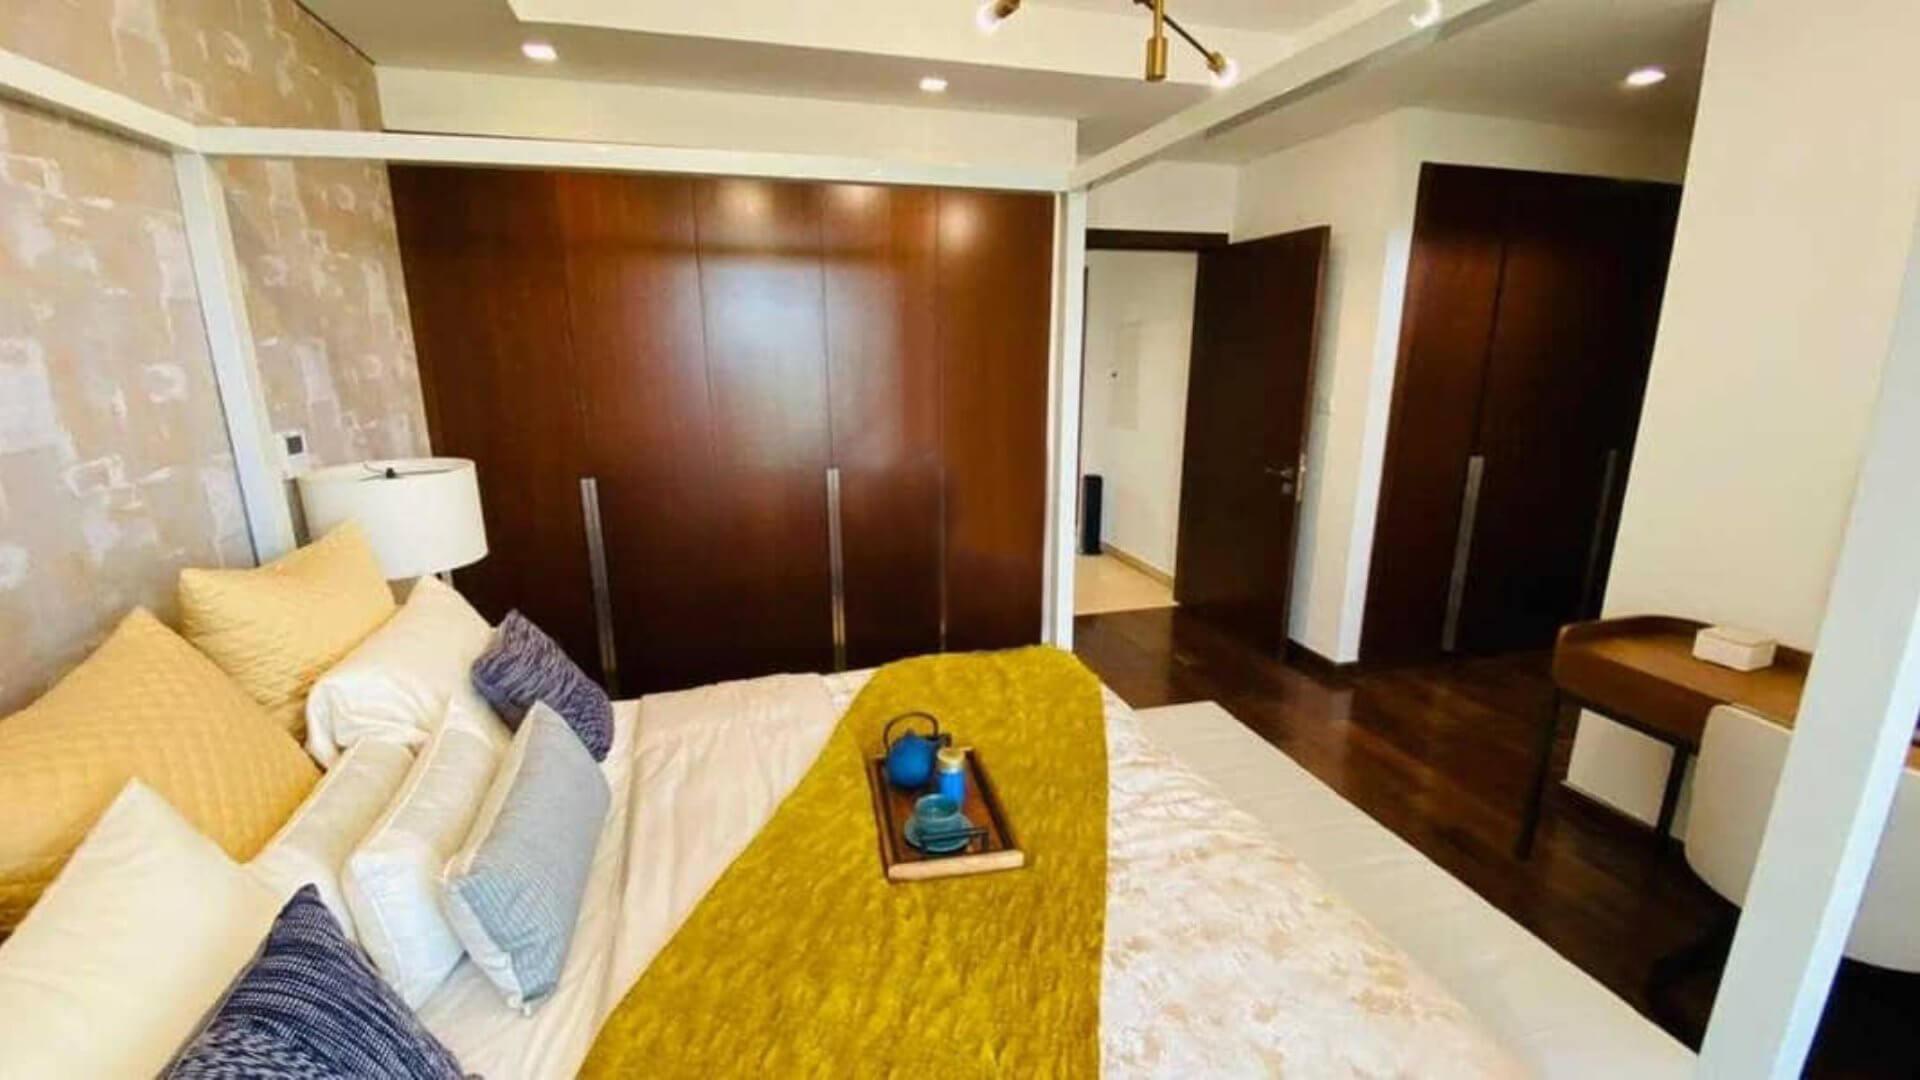 Adosado en venta en Dubai, EAU, 3 dormitorios, 164 m2, № 24538 – foto 1